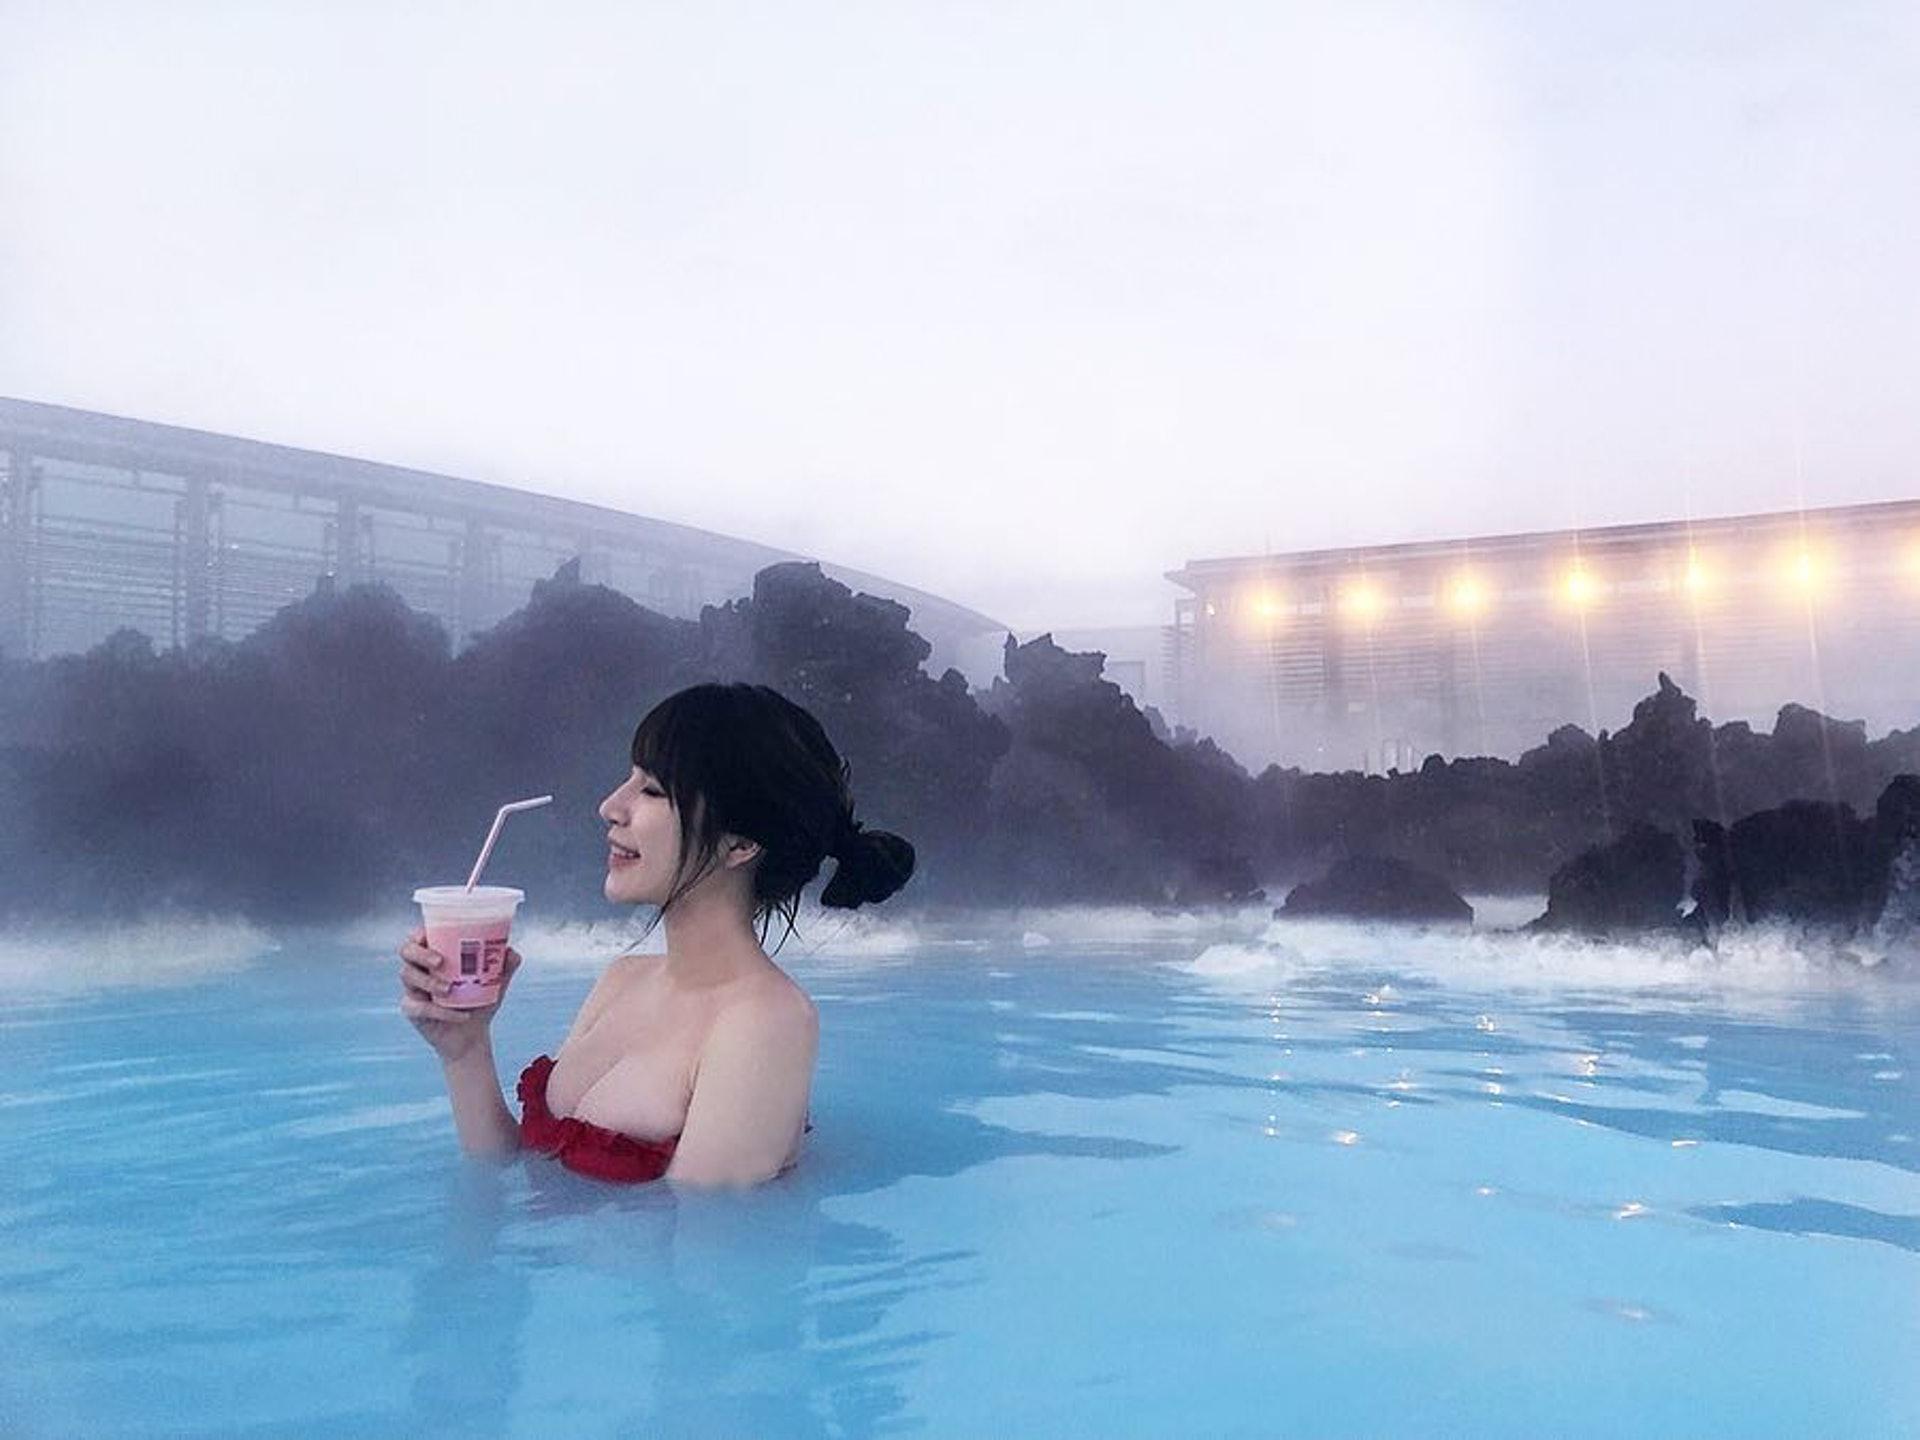 陳玟媛身材無可挑剔,讓人眼前一亮。(yuan_1214 IG圖片)